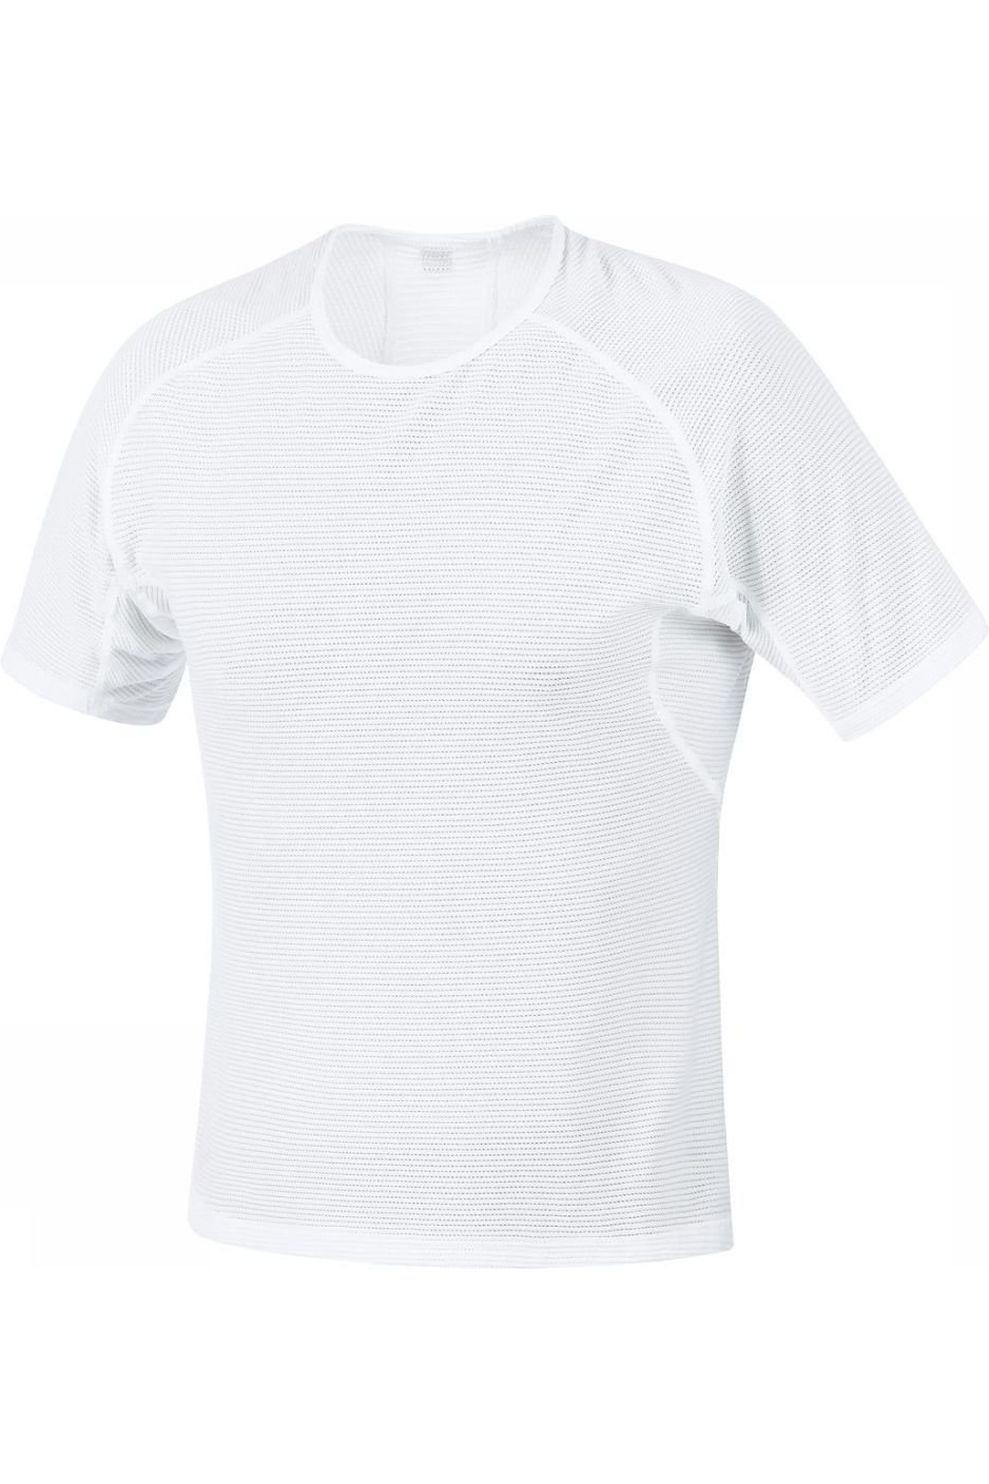 GORE WEAR Ondergoed M Base Layer voor heren - Wit - Maten: S, M, L, XL, XXL